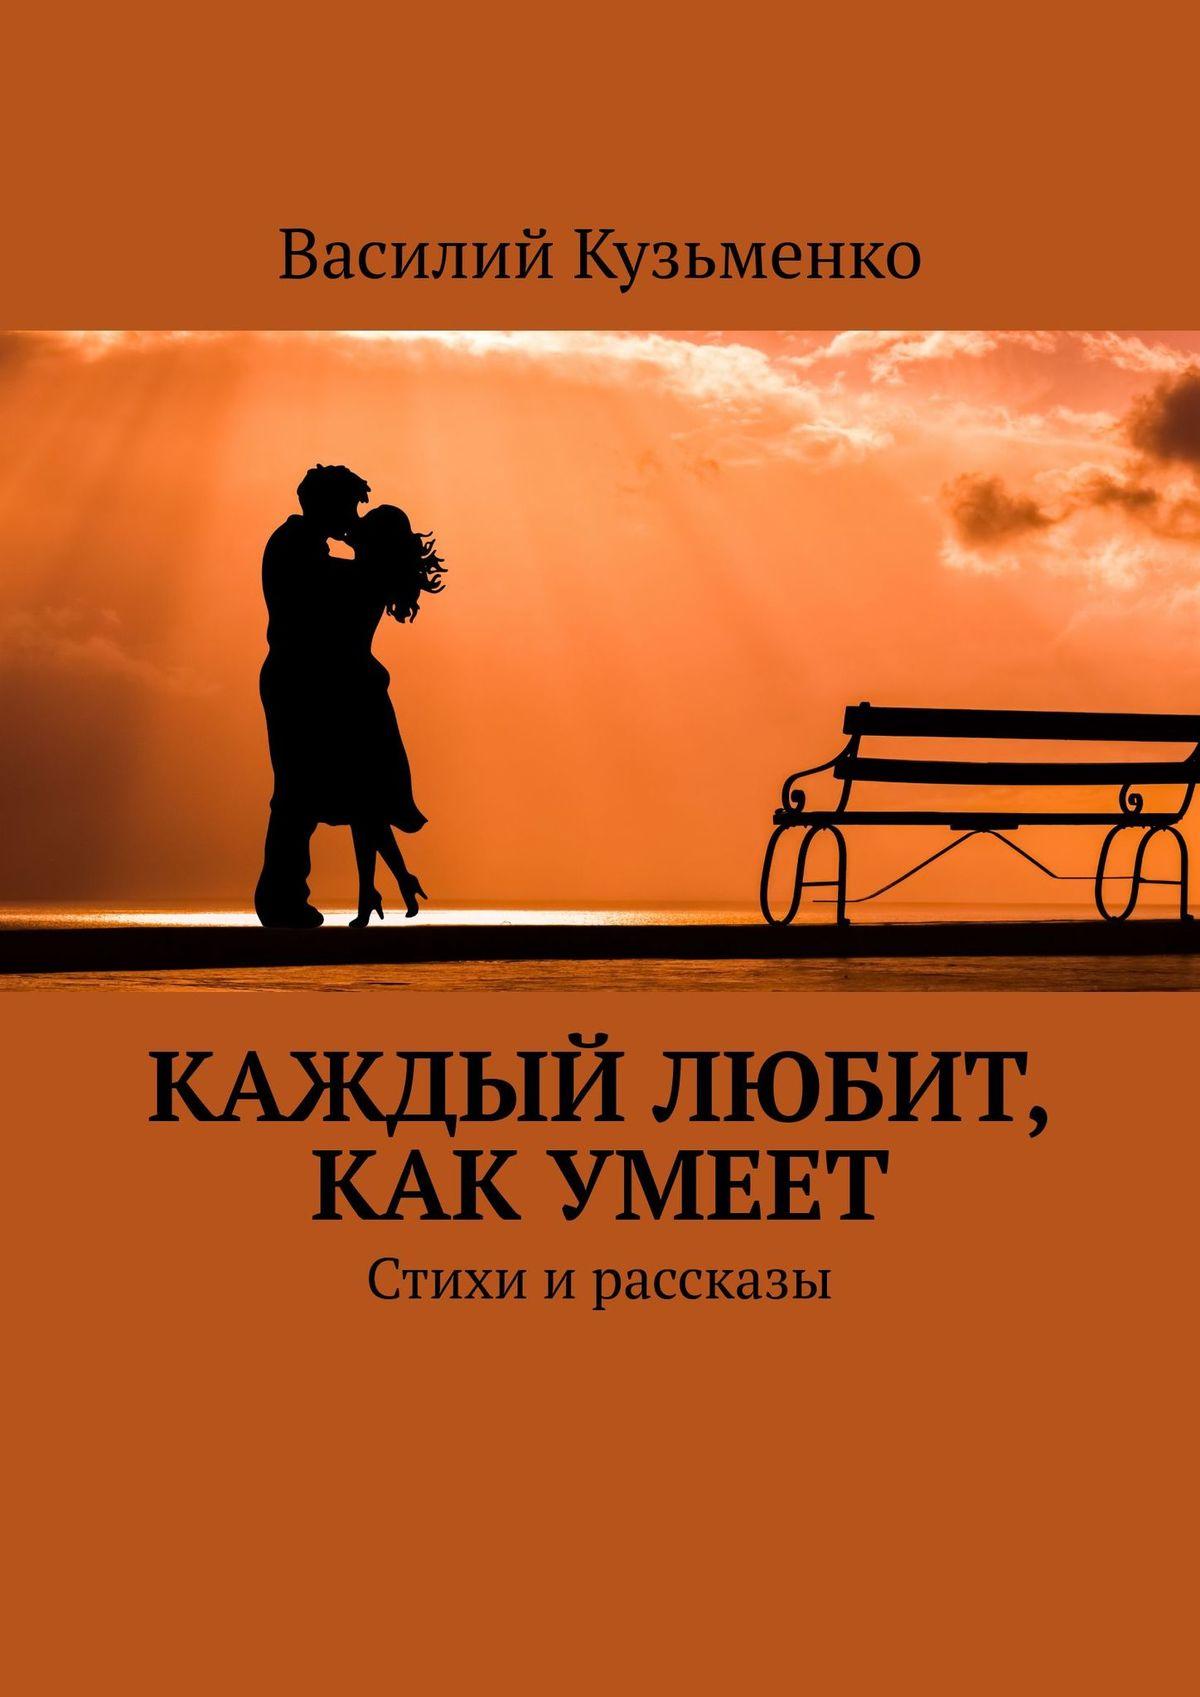 Василий Андреевич Кузьменко Каждый любит, какумеет